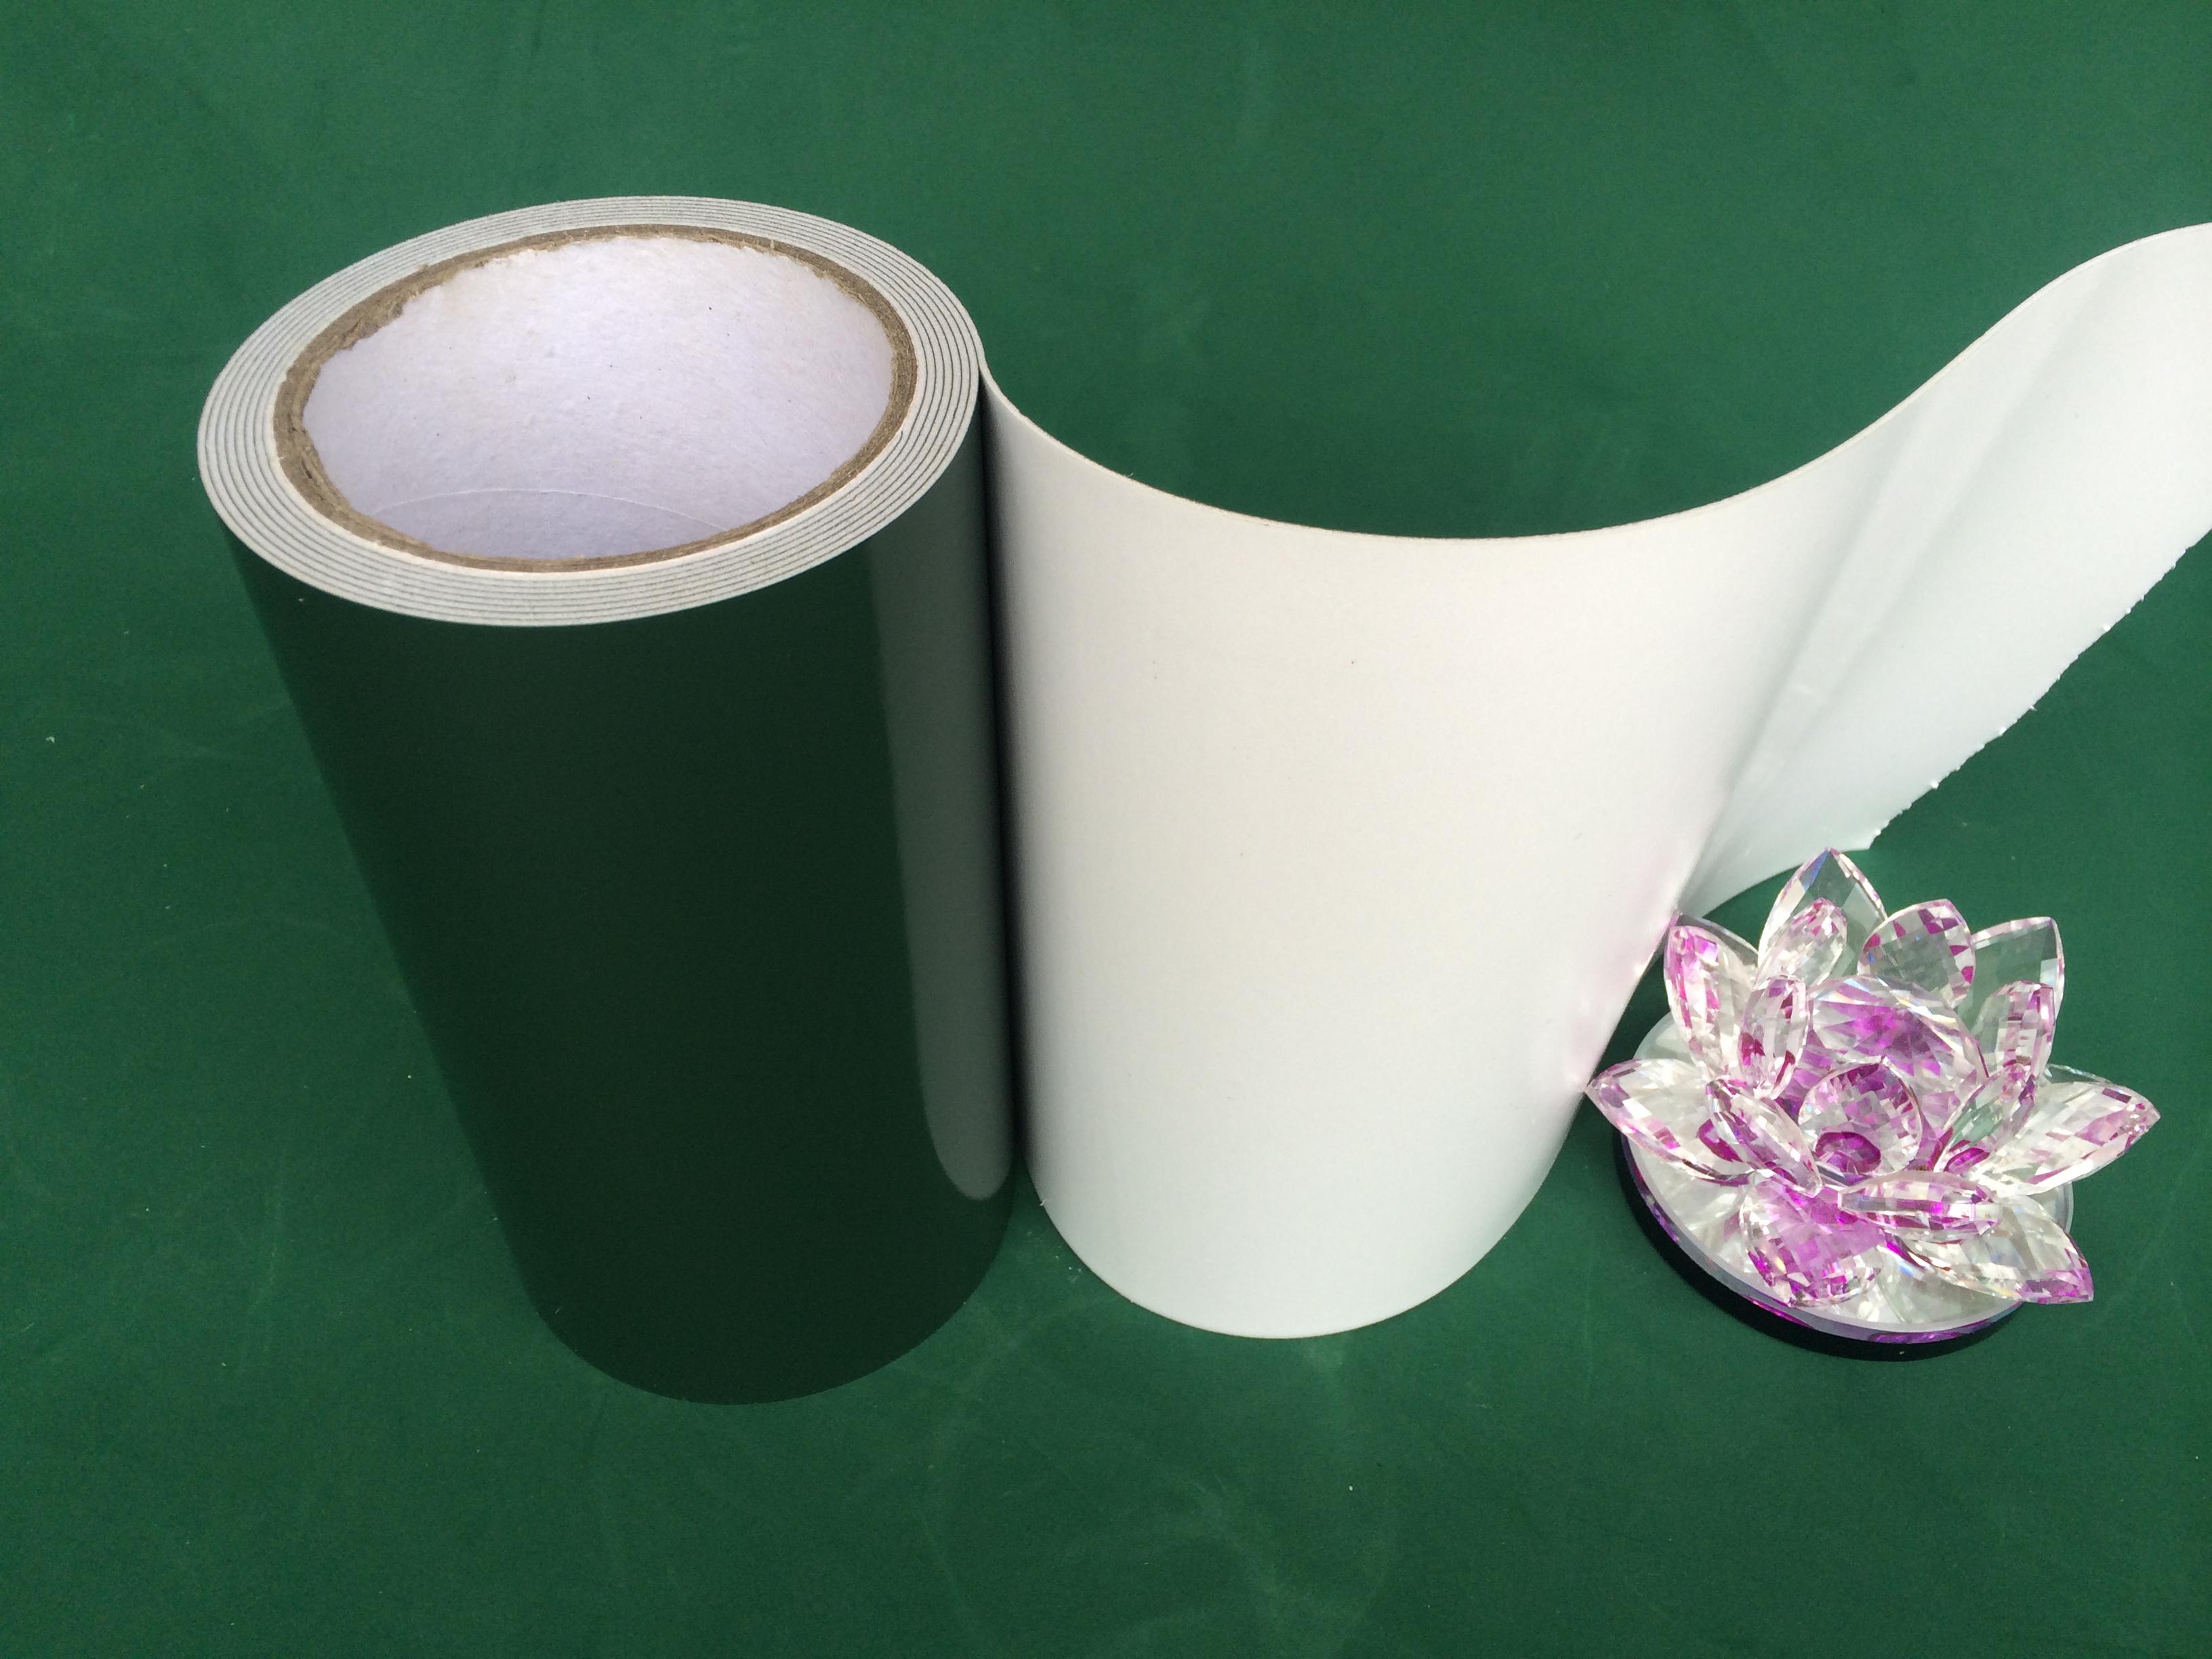 grön film självhäftande tejp (svamp 2/10/15/20/30CM dubbelsidig tejp på hög och 20 meter långa och breda